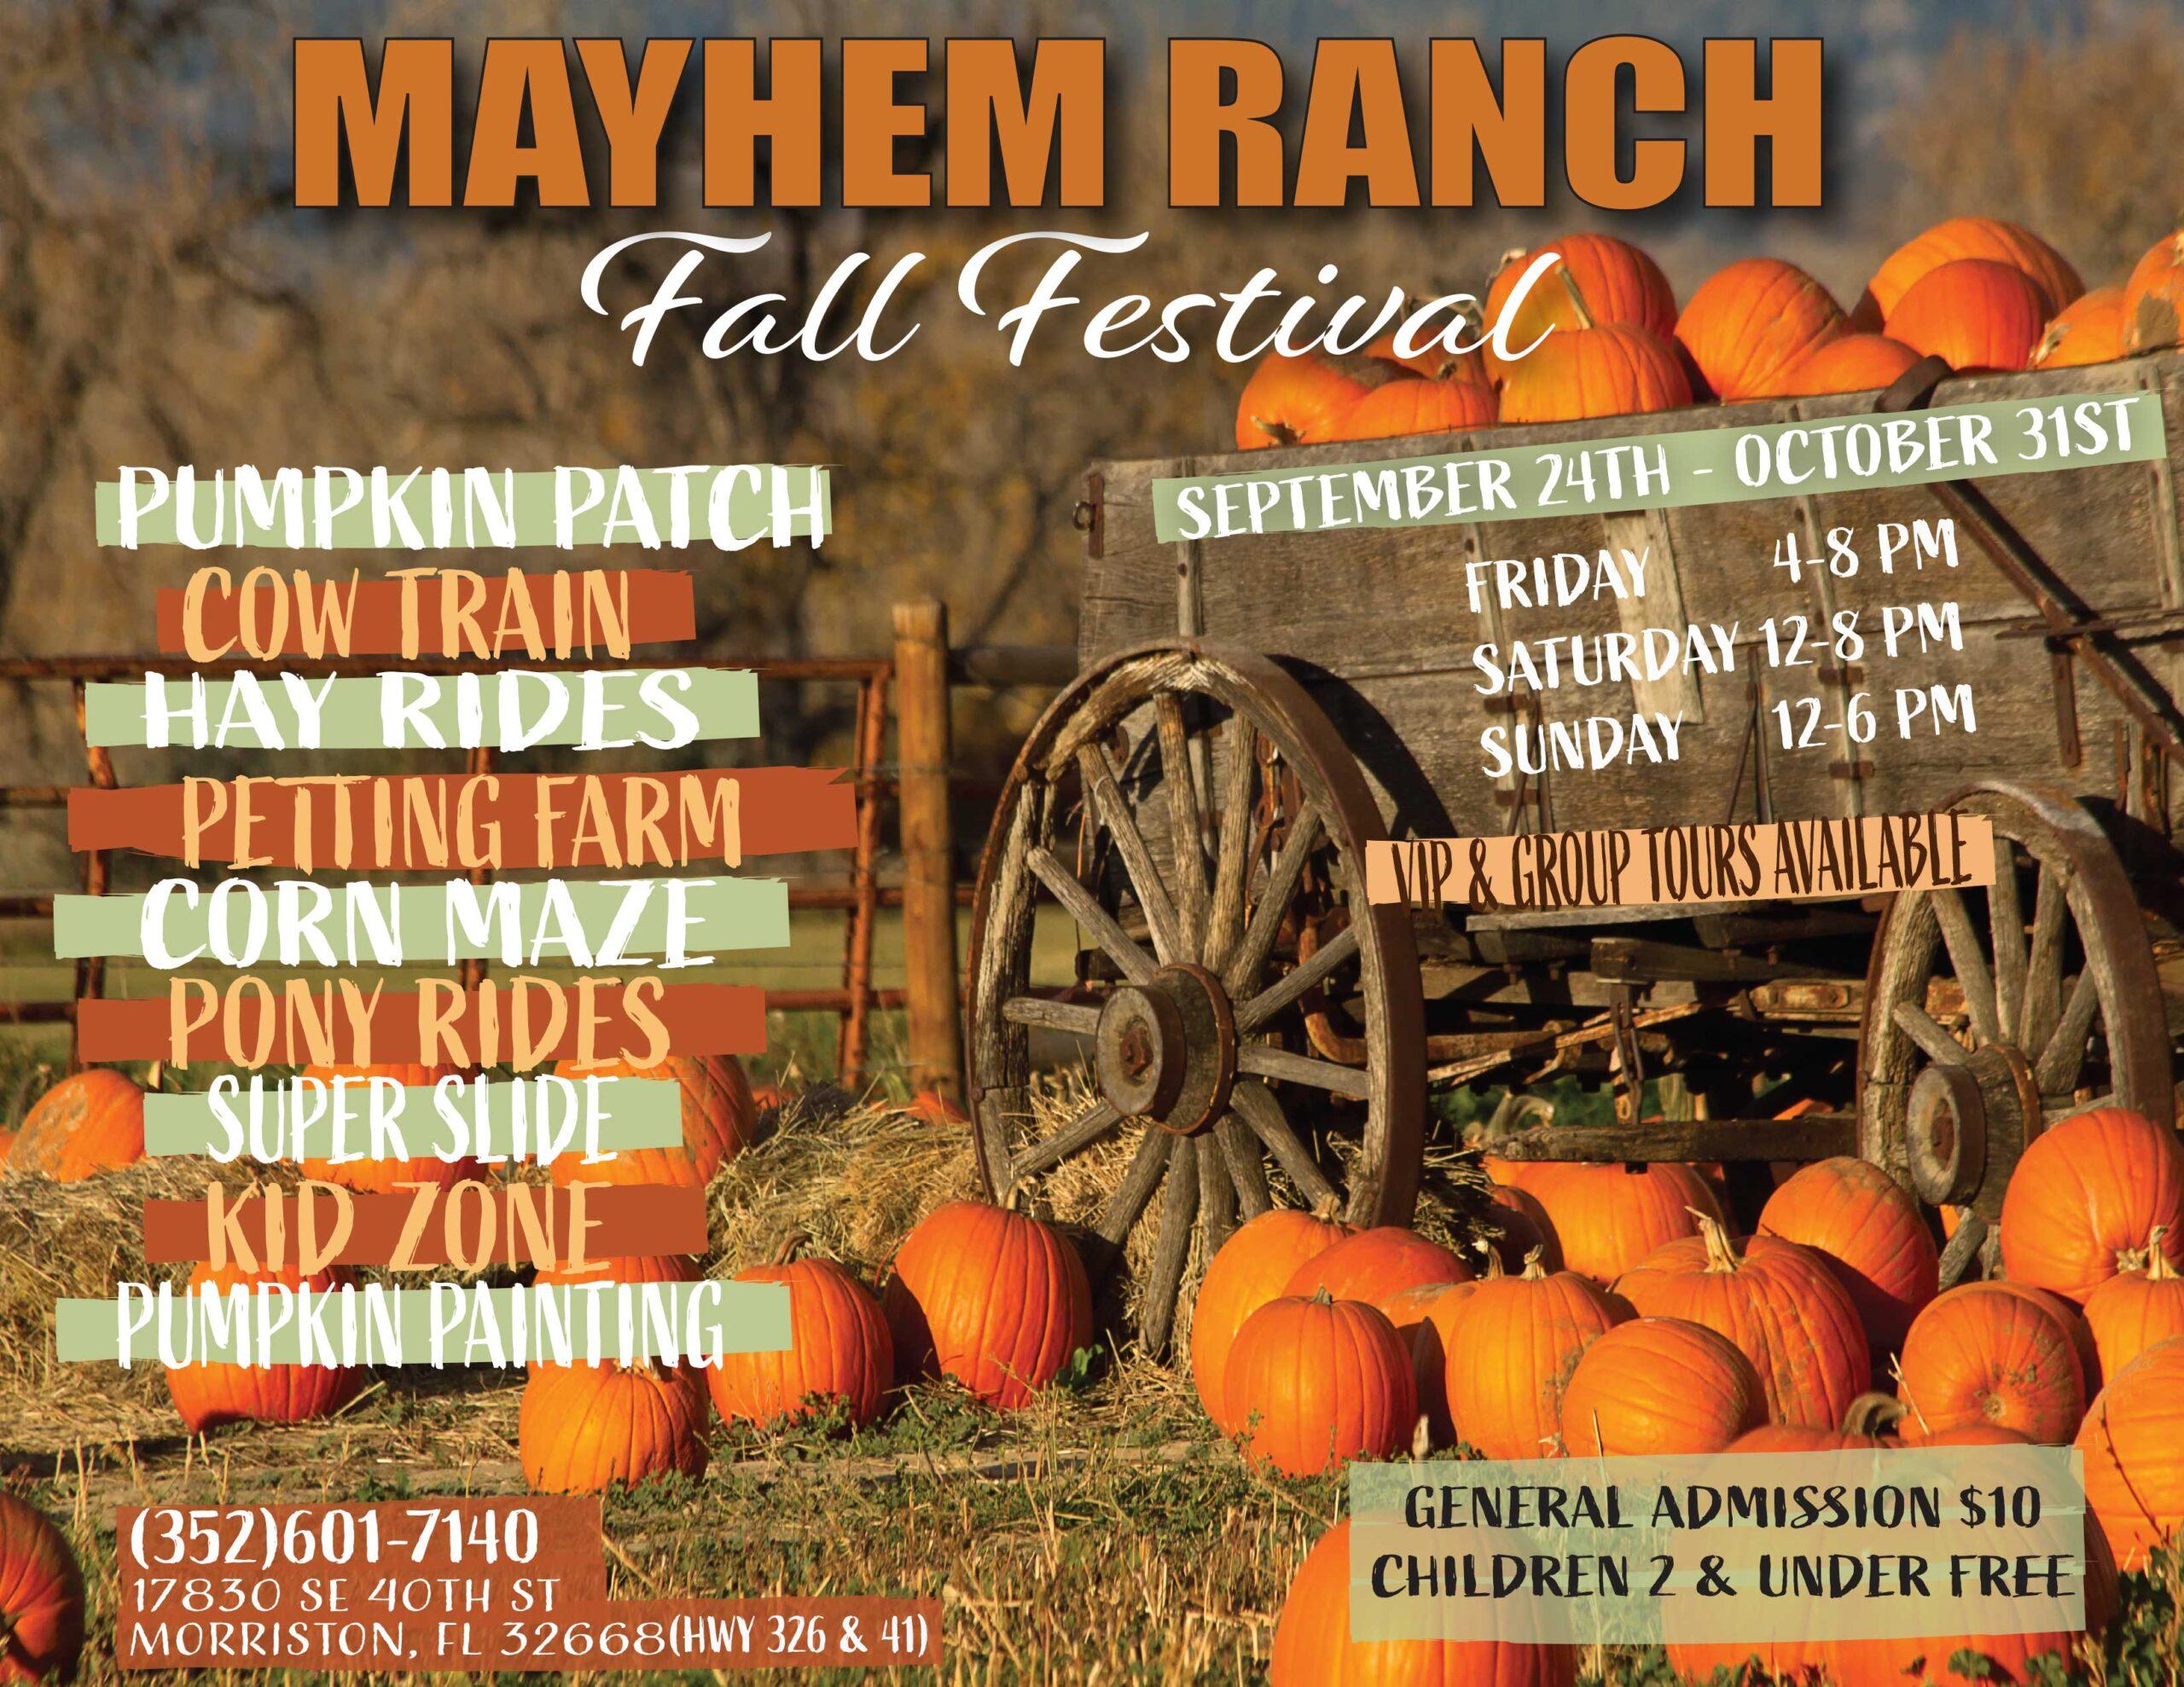 Mr Fall Festival Ad 2 Scaled - Mayhem Ranch